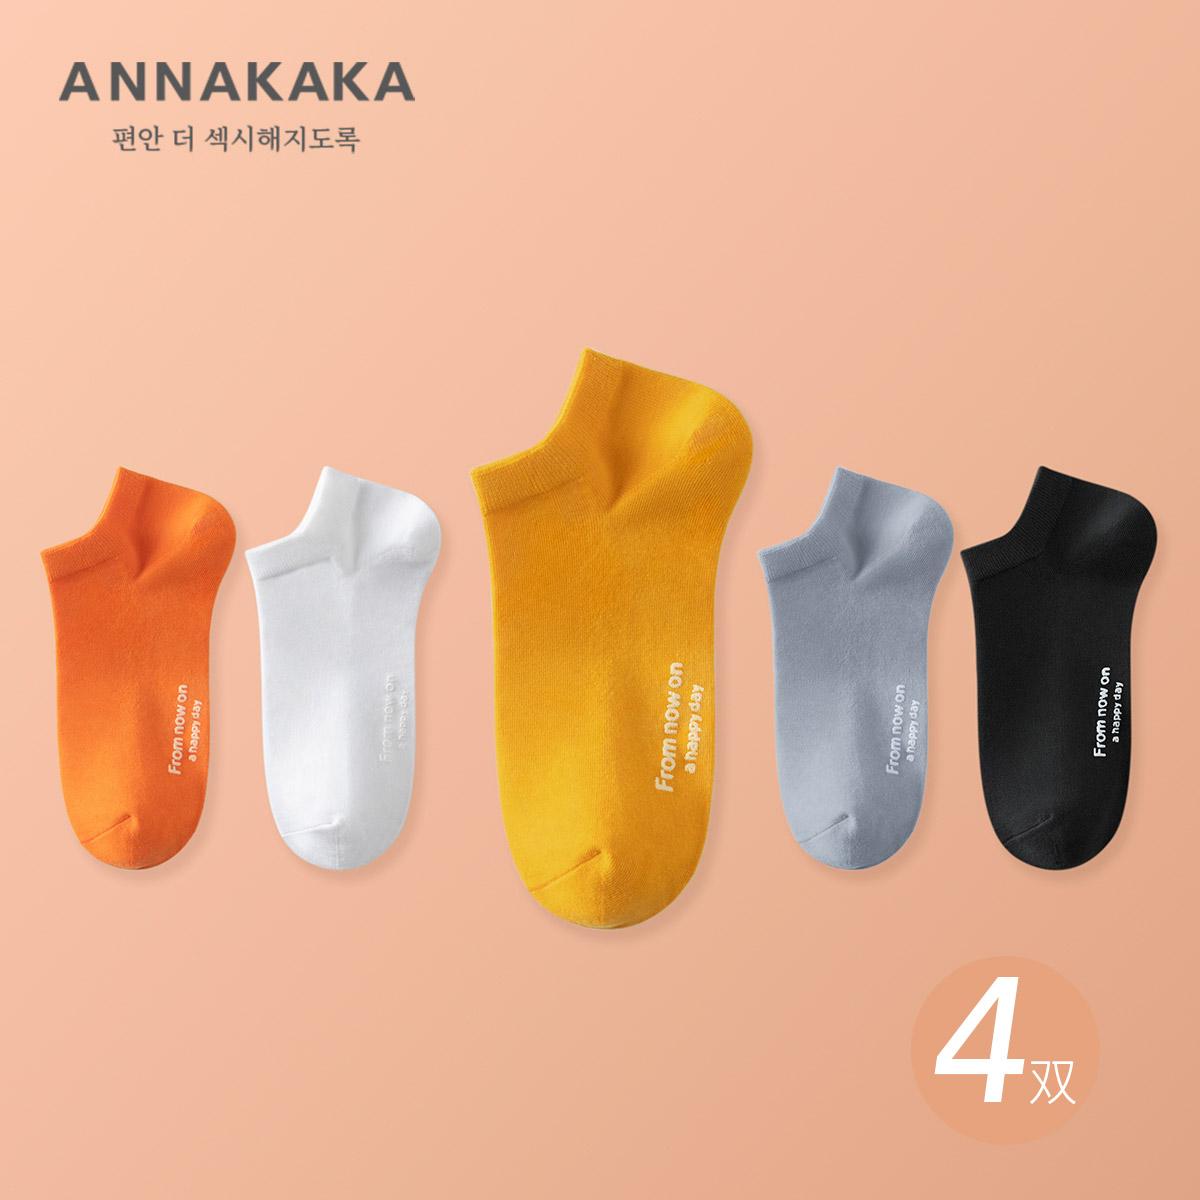 ANNAKAKA新款英文点胶休闲舒适女士短袜透气简约脚踝袜棉袜4双